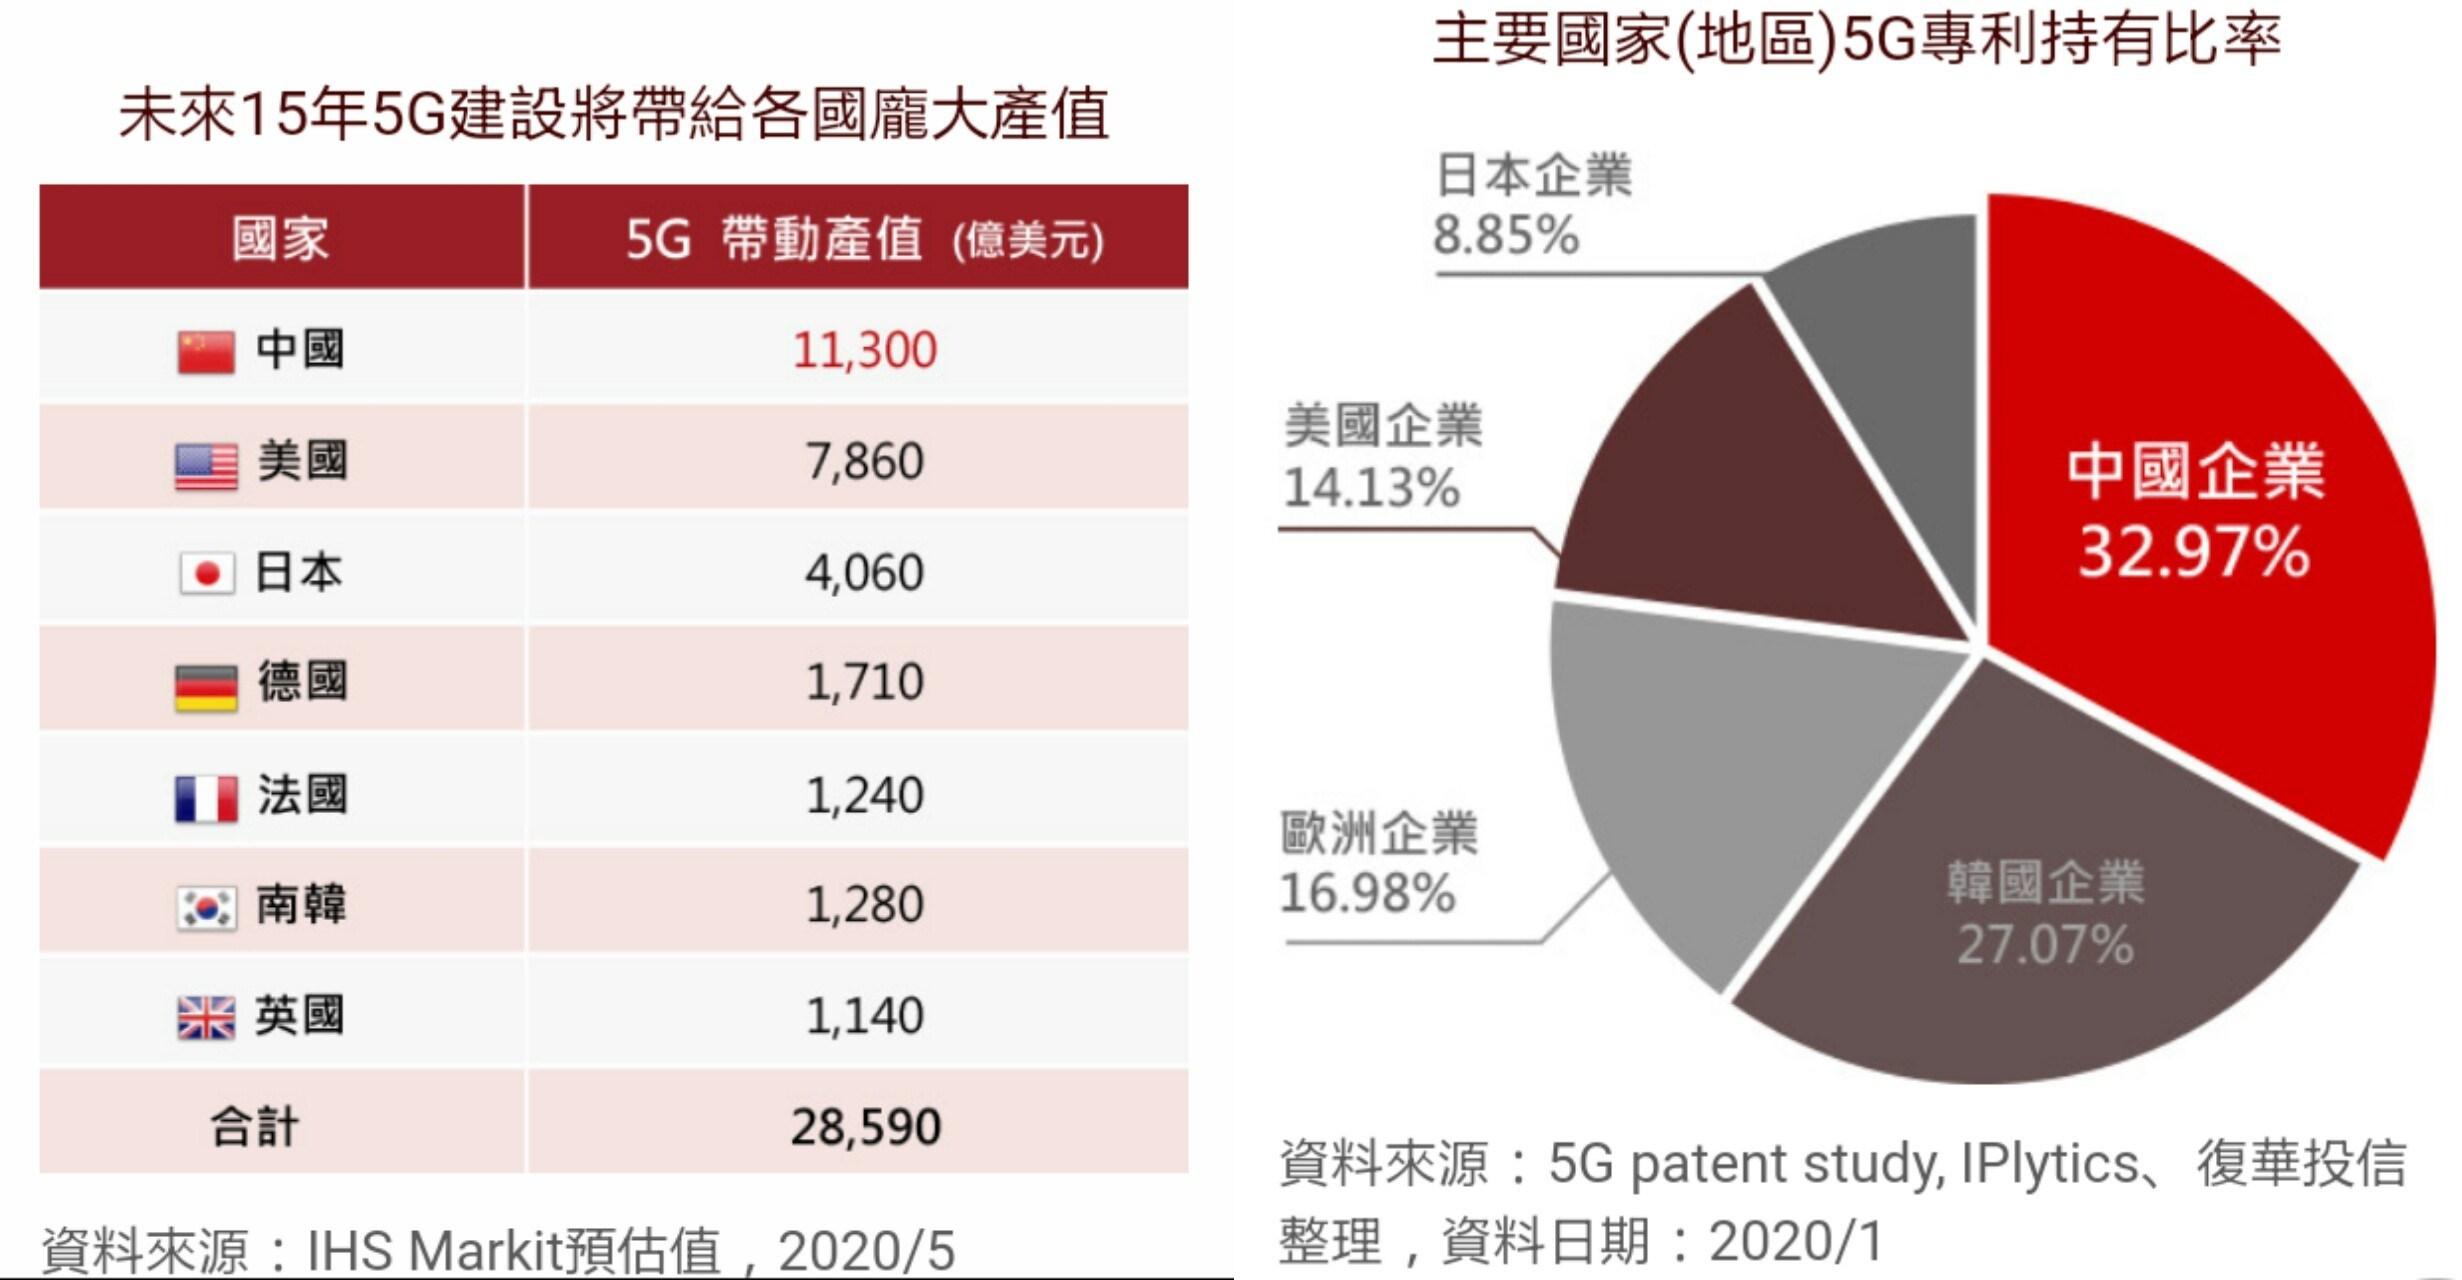 5G預估產值